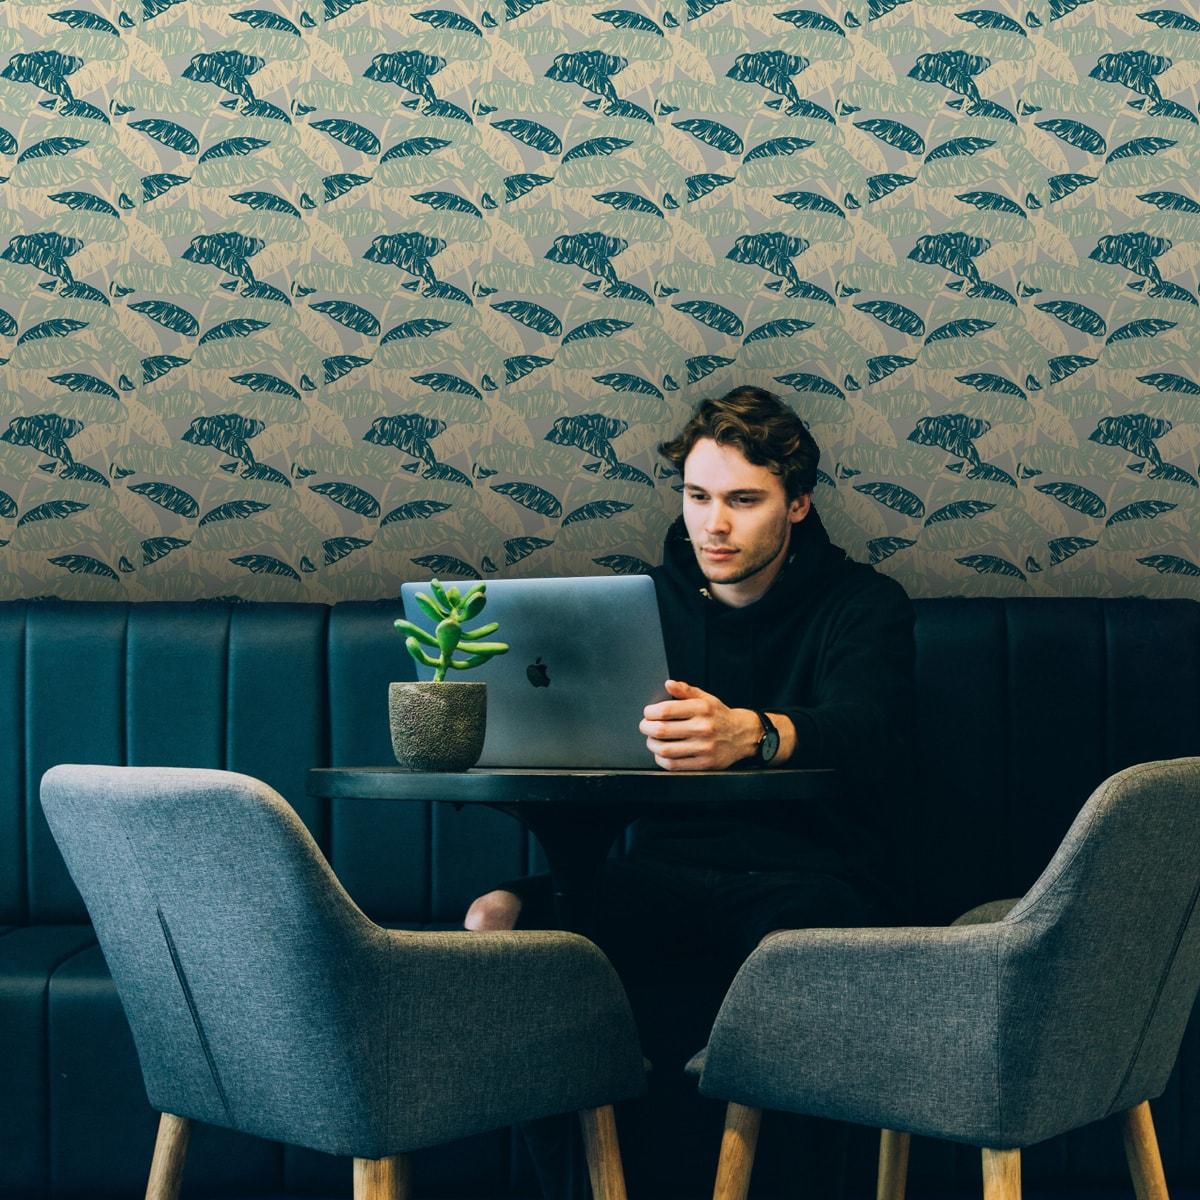 Tapete Wohnzimmer grün: Moderne, mint grüne Tapete